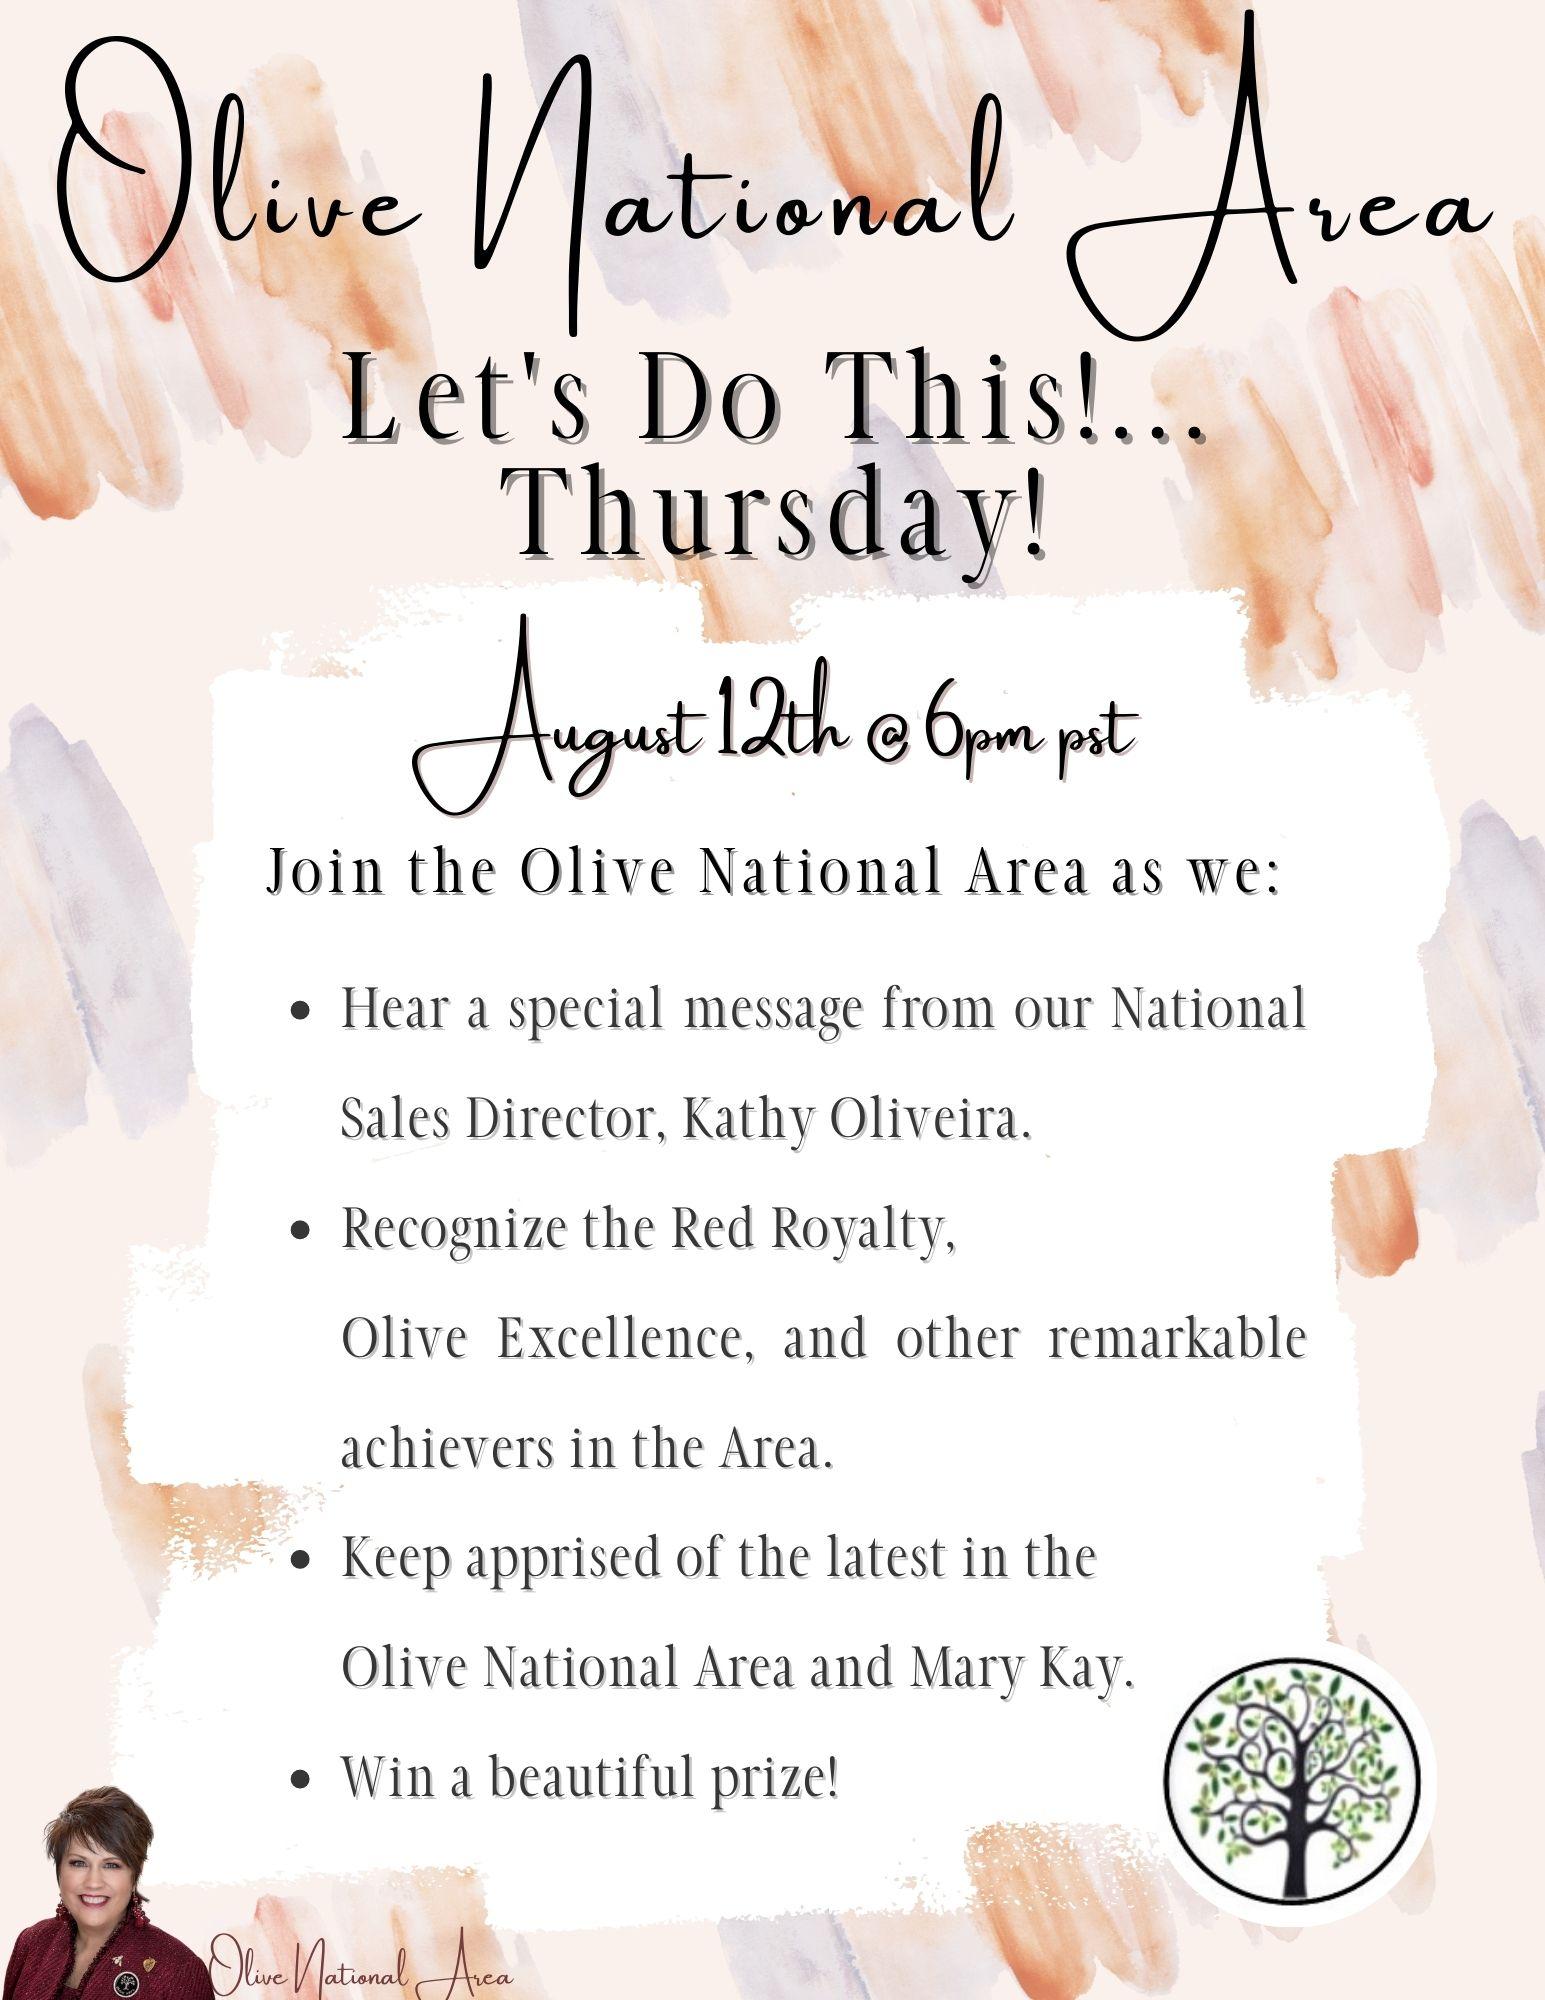 Let's do this Thursdays